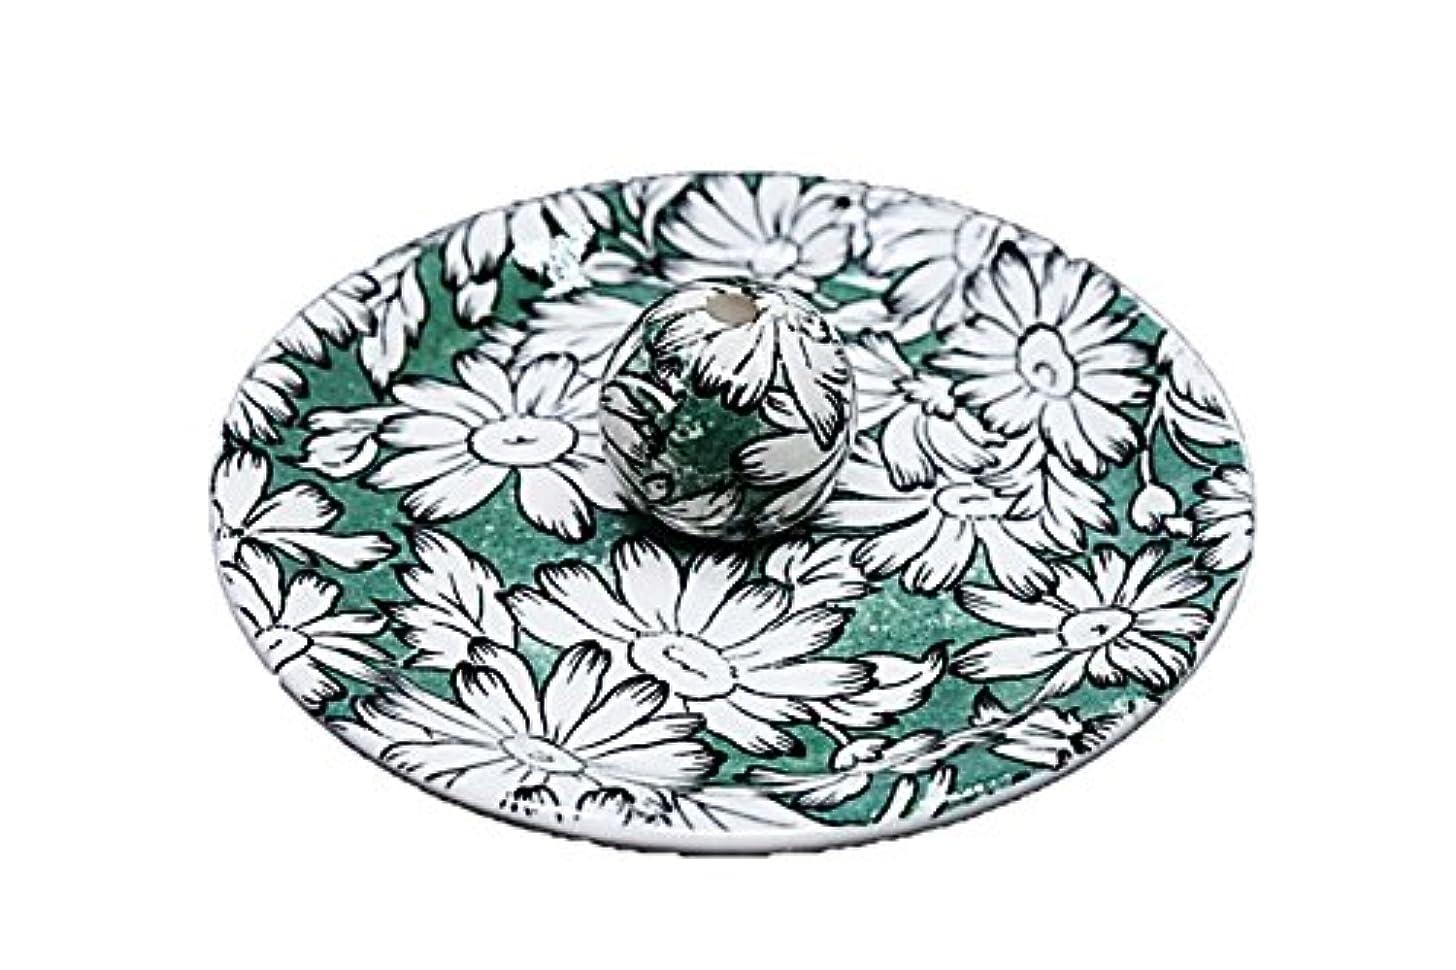 バース統合するボア9-10 マーガレットグリーン 9cm香皿 お香立て お香たて 陶器 日本製 製造?直売品